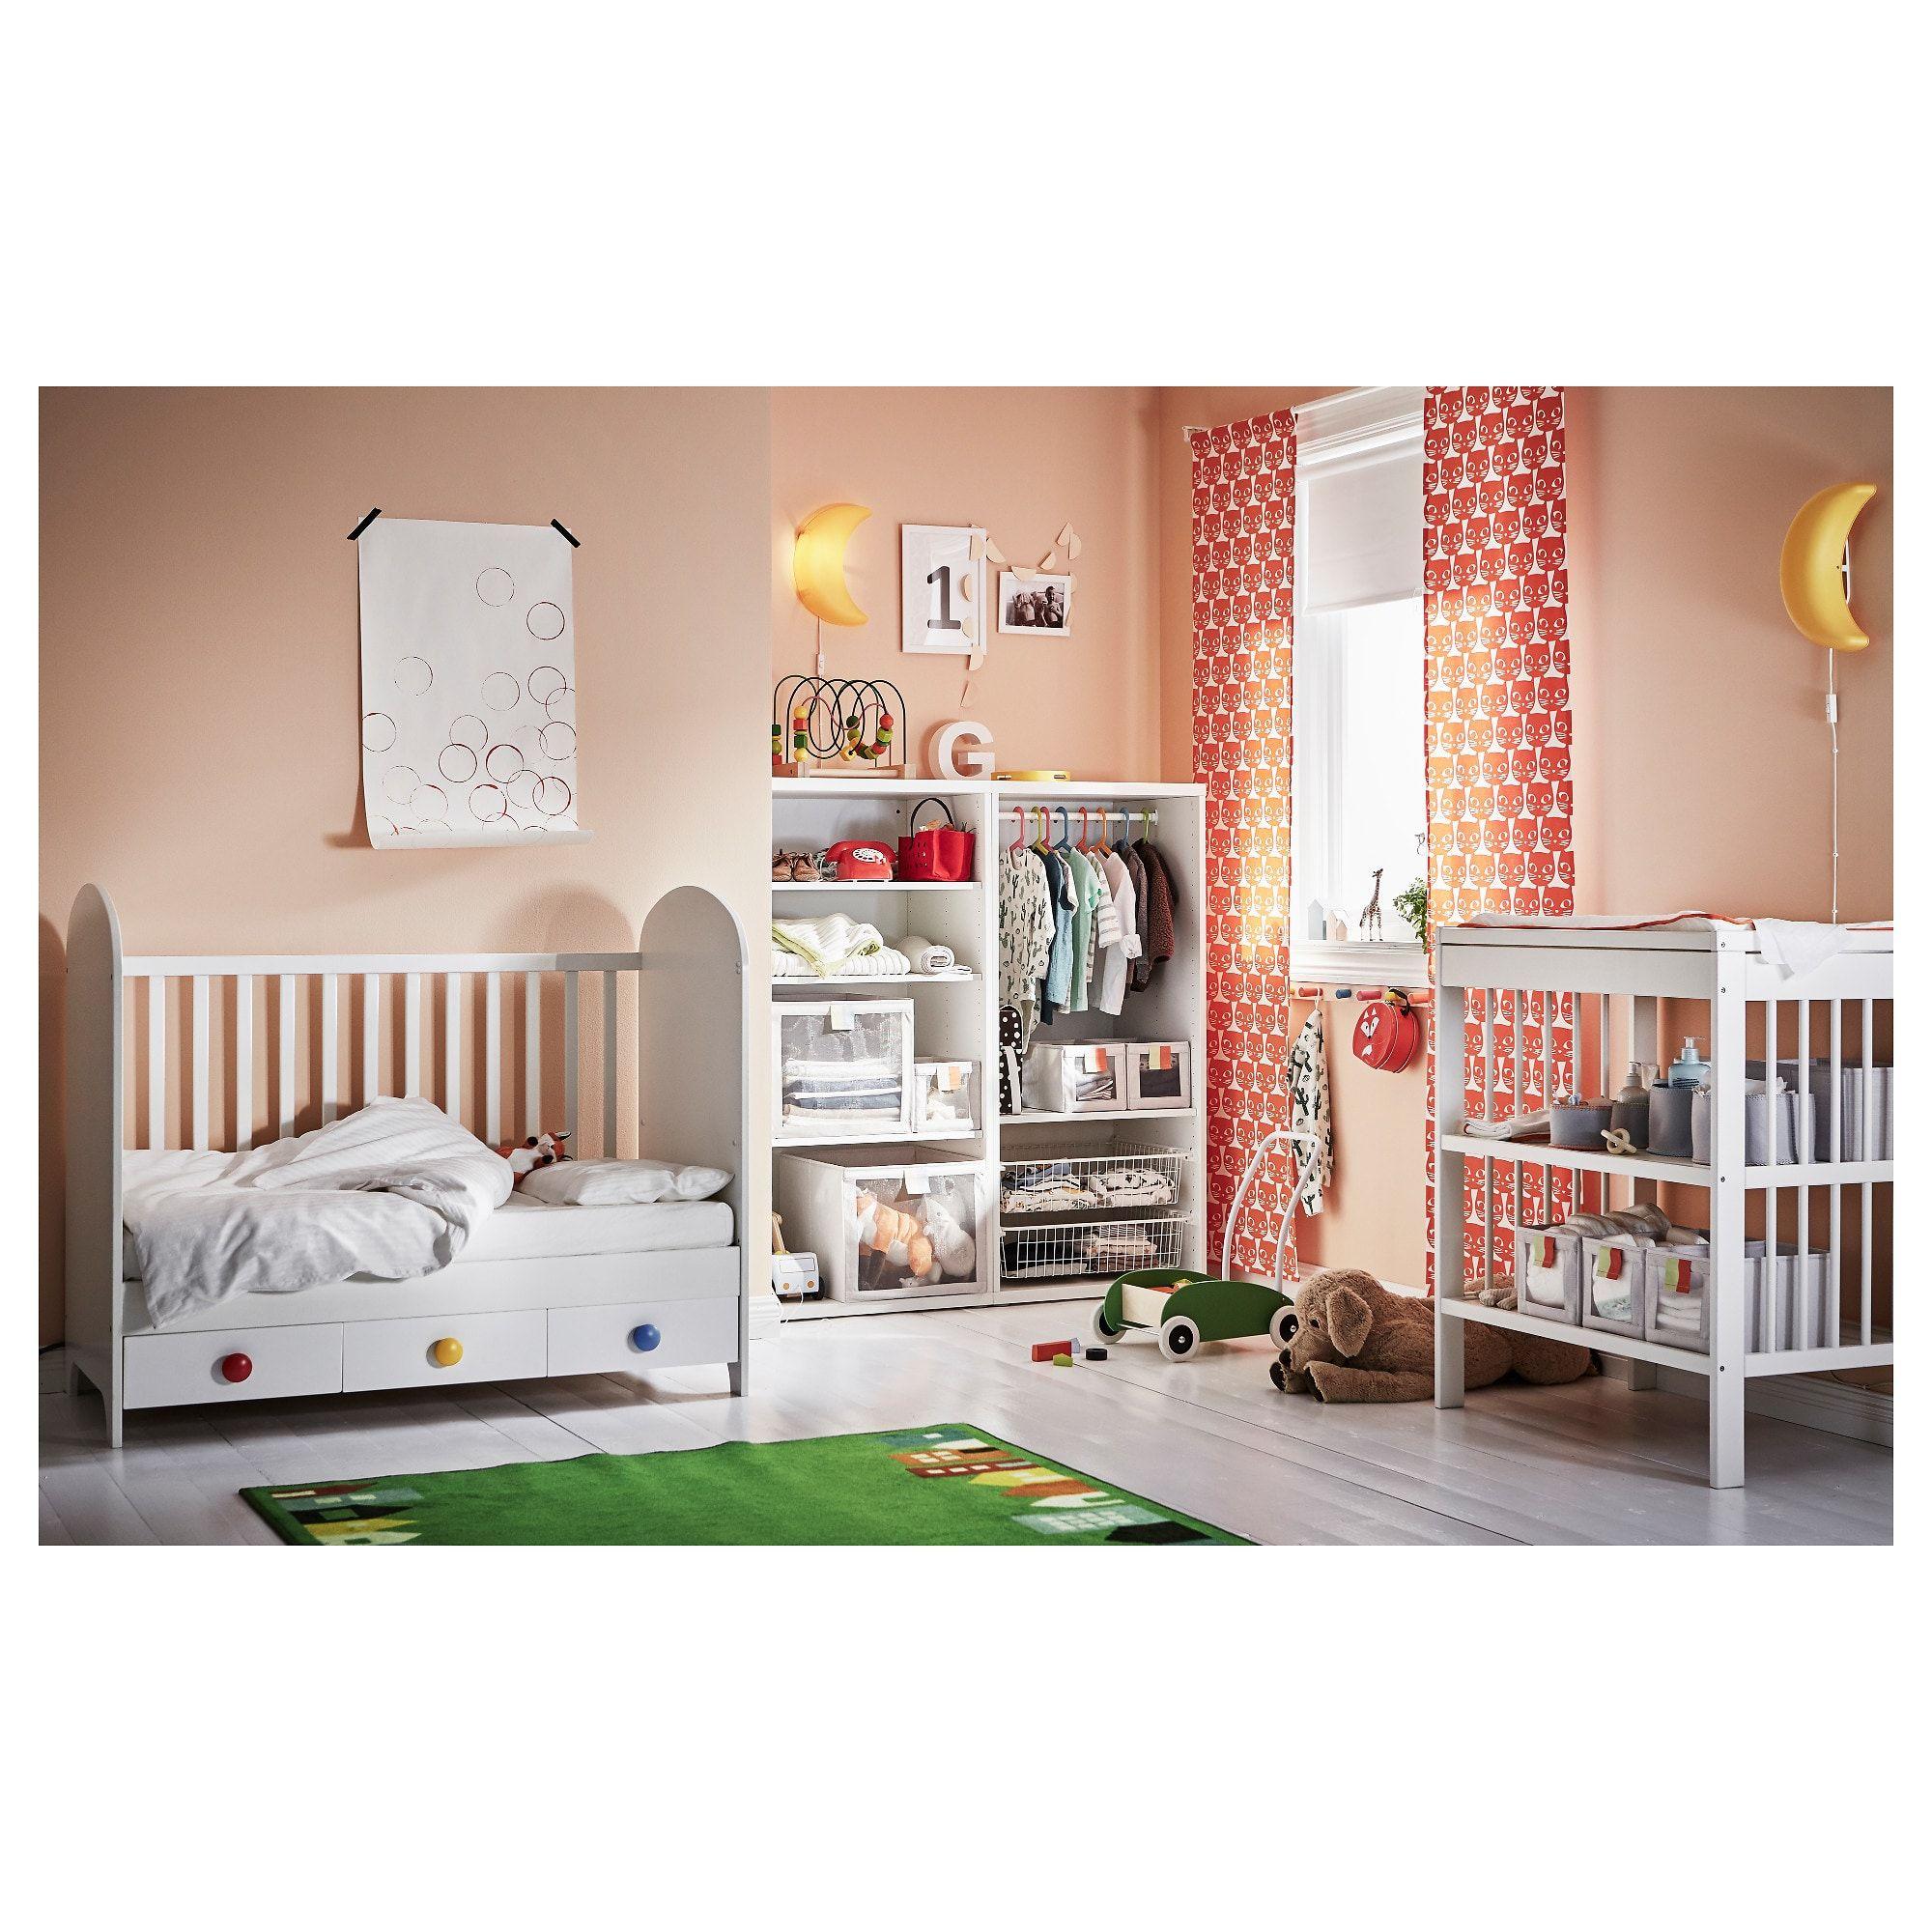 GONATT Babybett weiß in 2019 Babykinderzimmermöbel